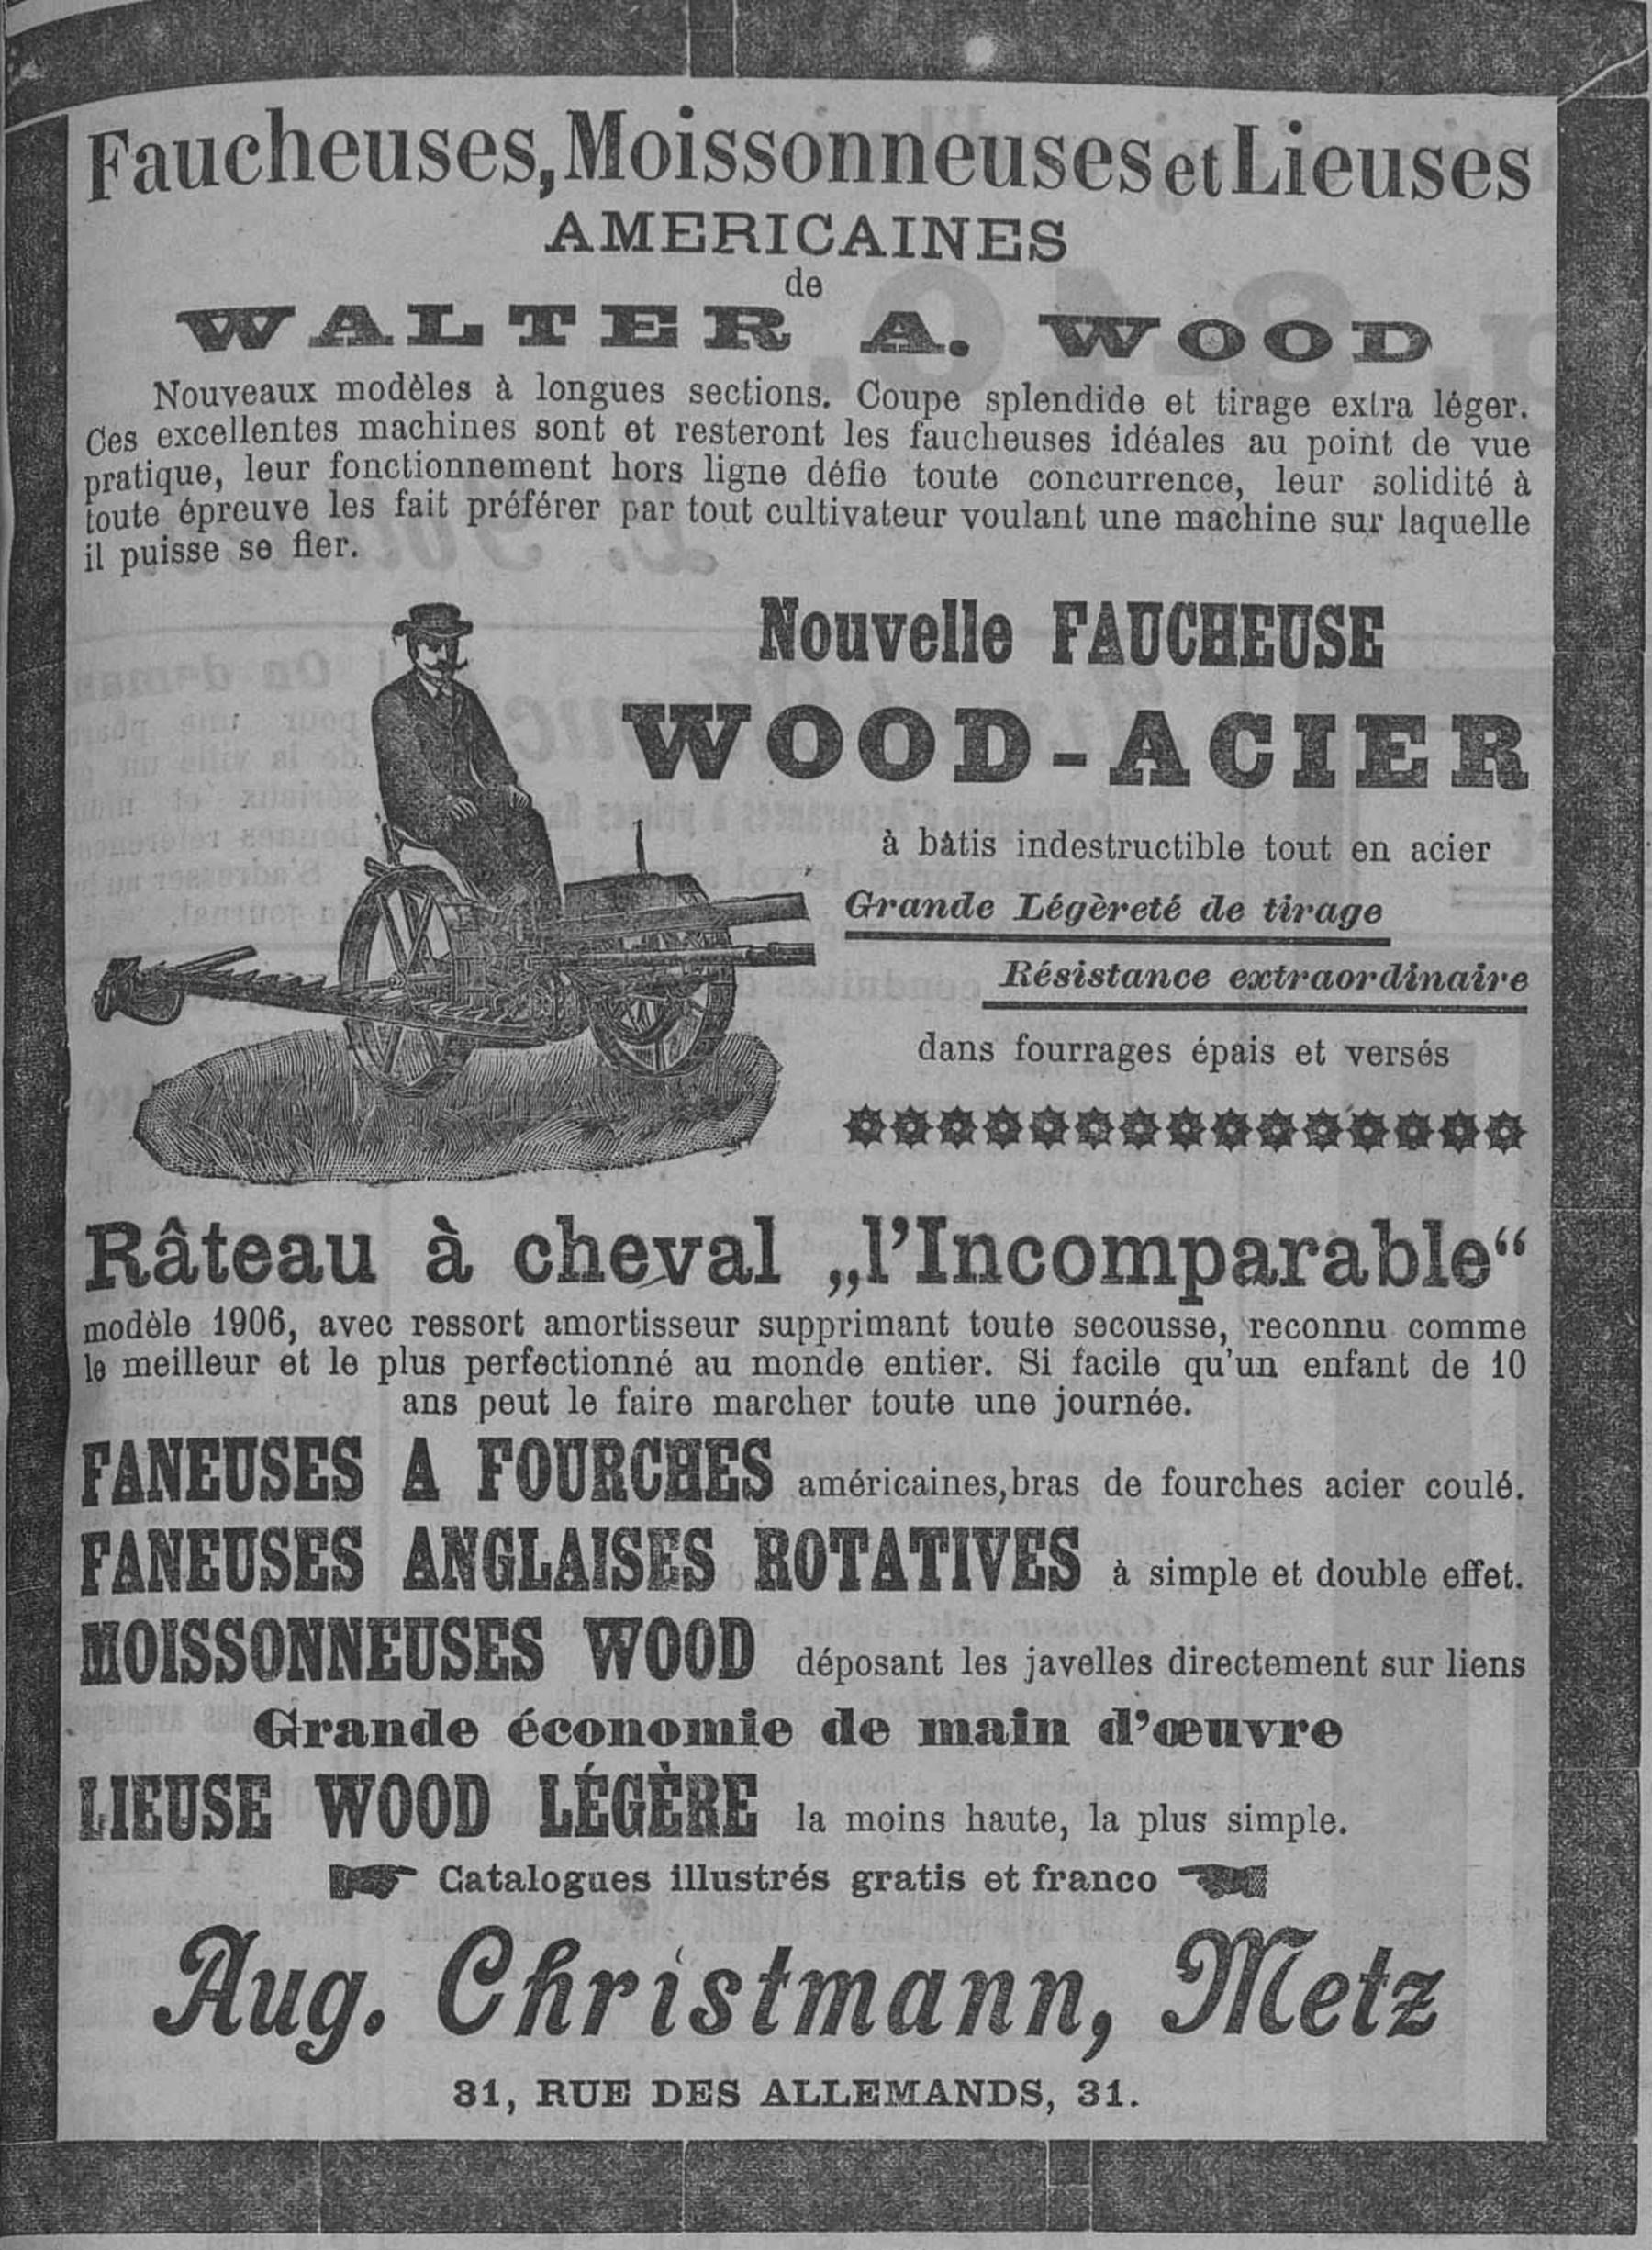 Contenu du Faucheuses, moissonneuses et lieuses américaines de Walter A. Wood